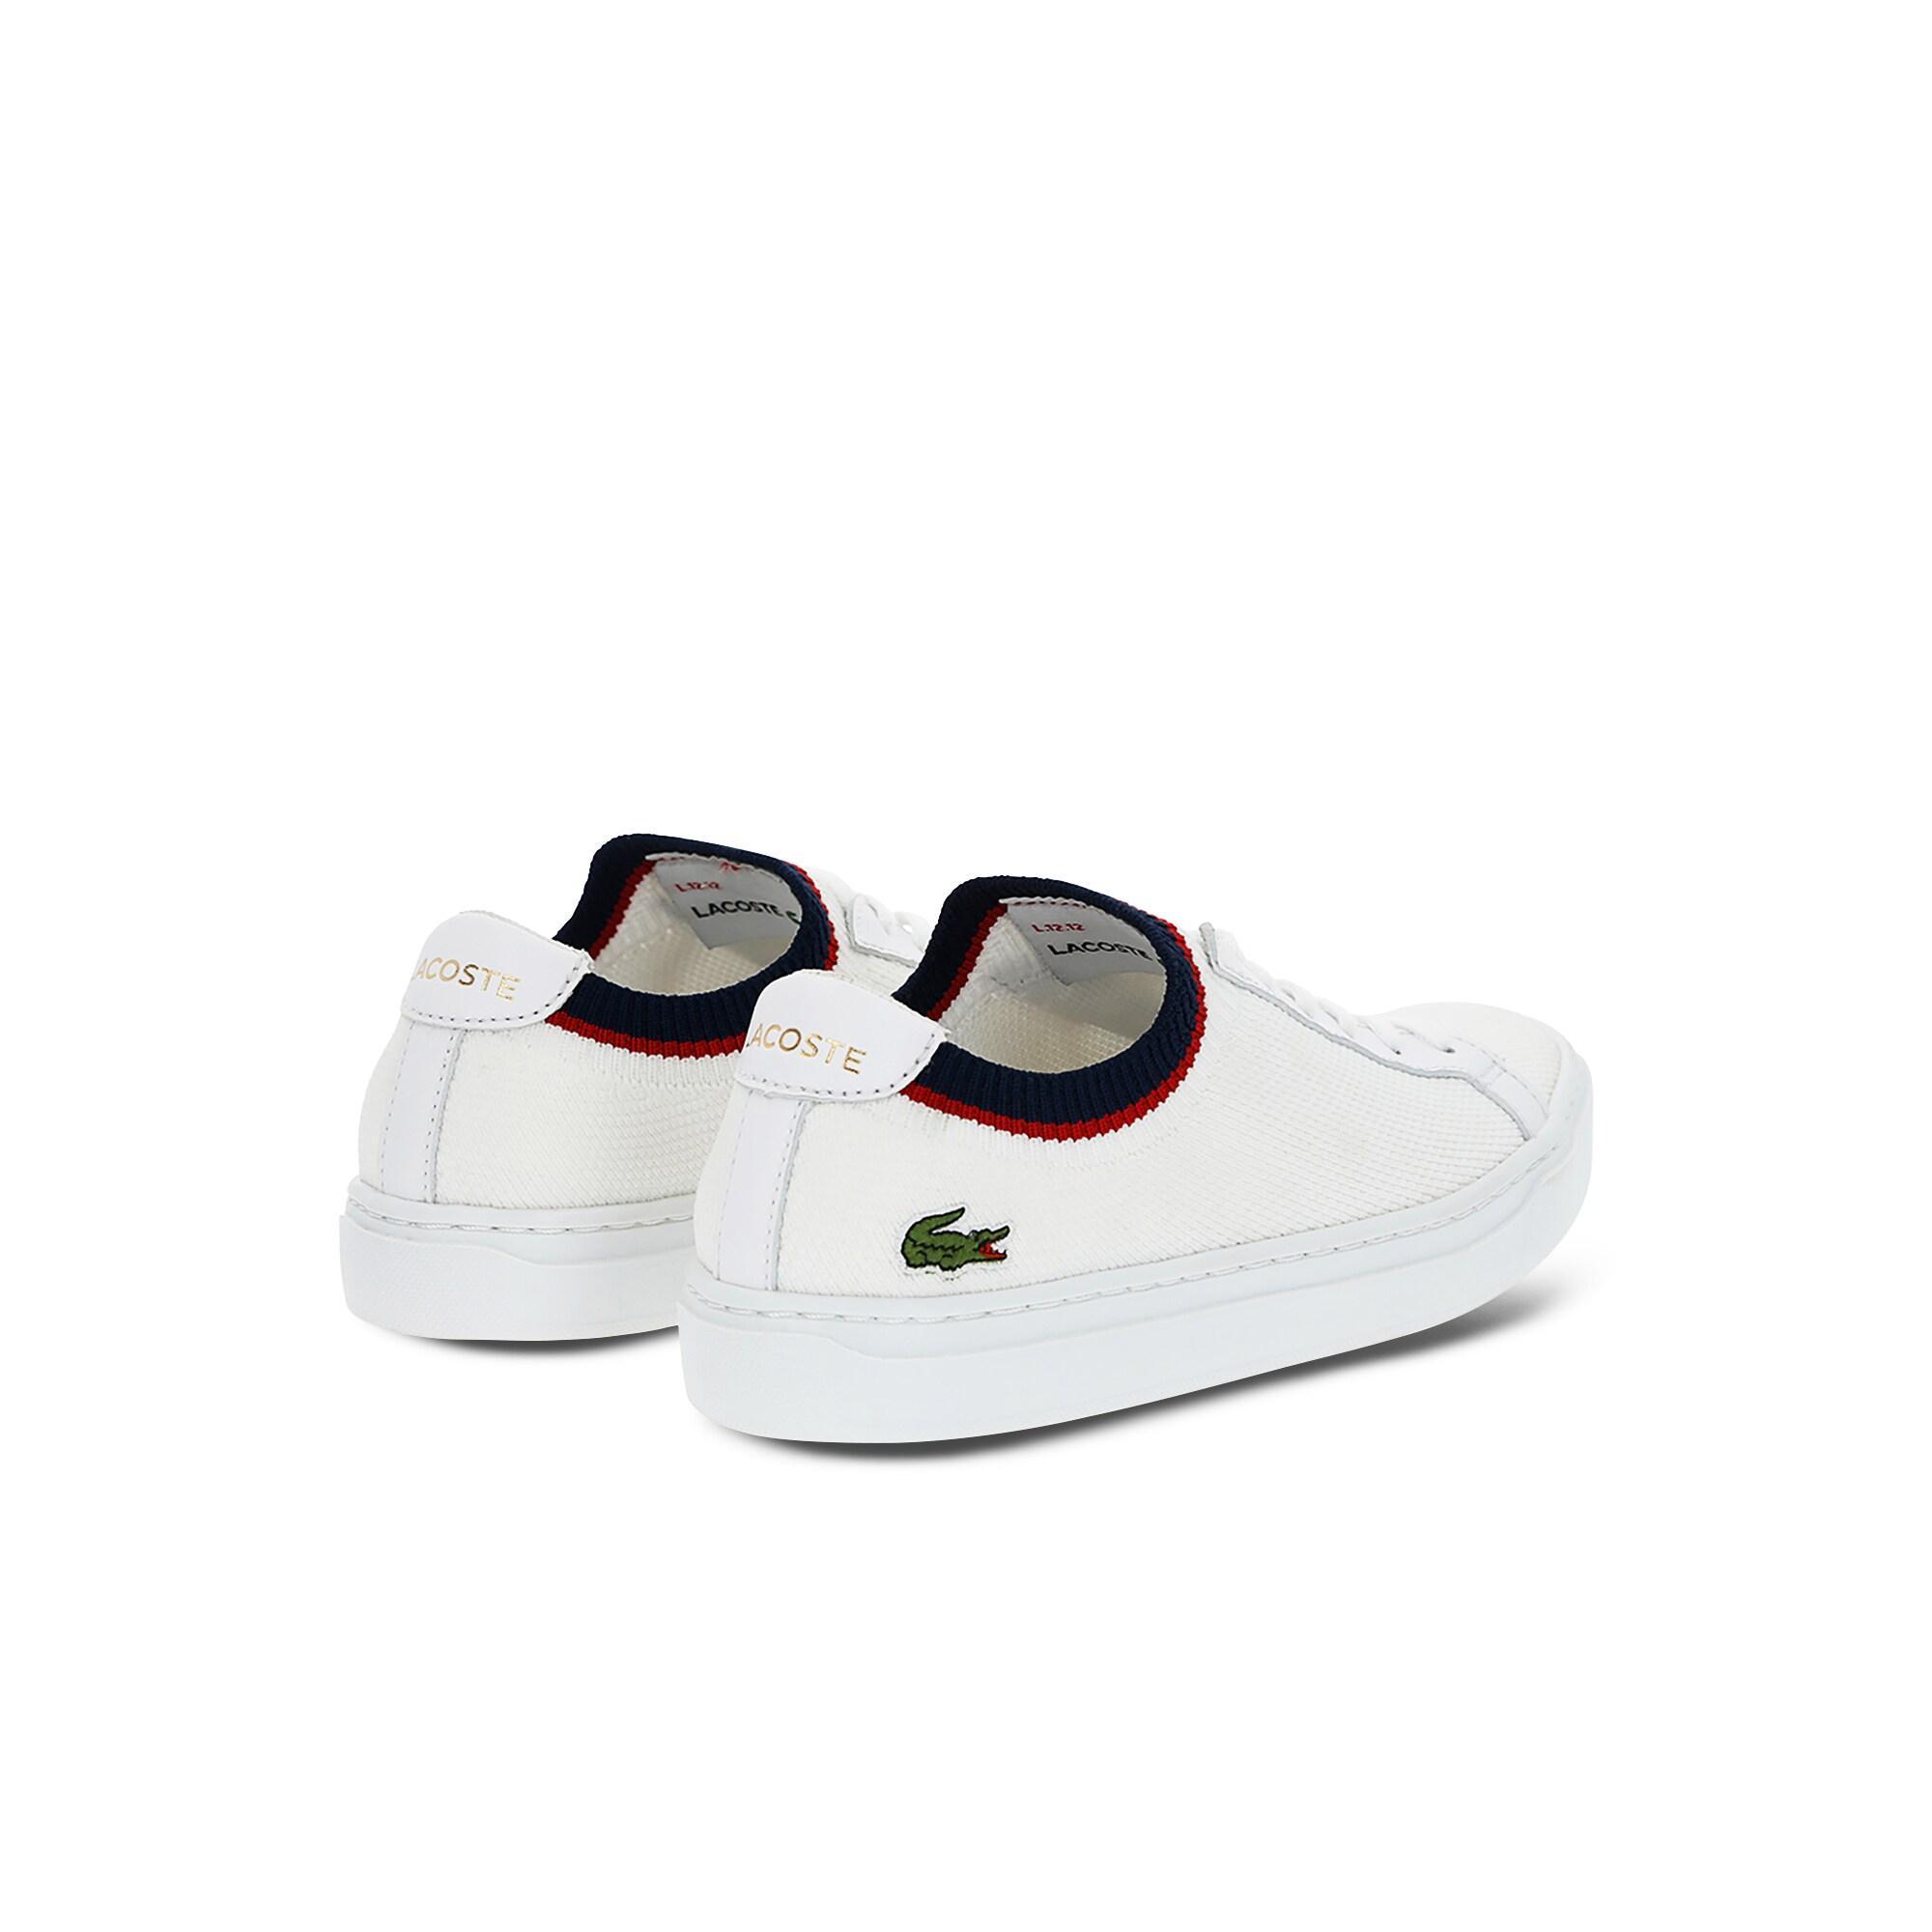 Lacoste Women's La Piquee 119 1 Cfa Leather Sneakers